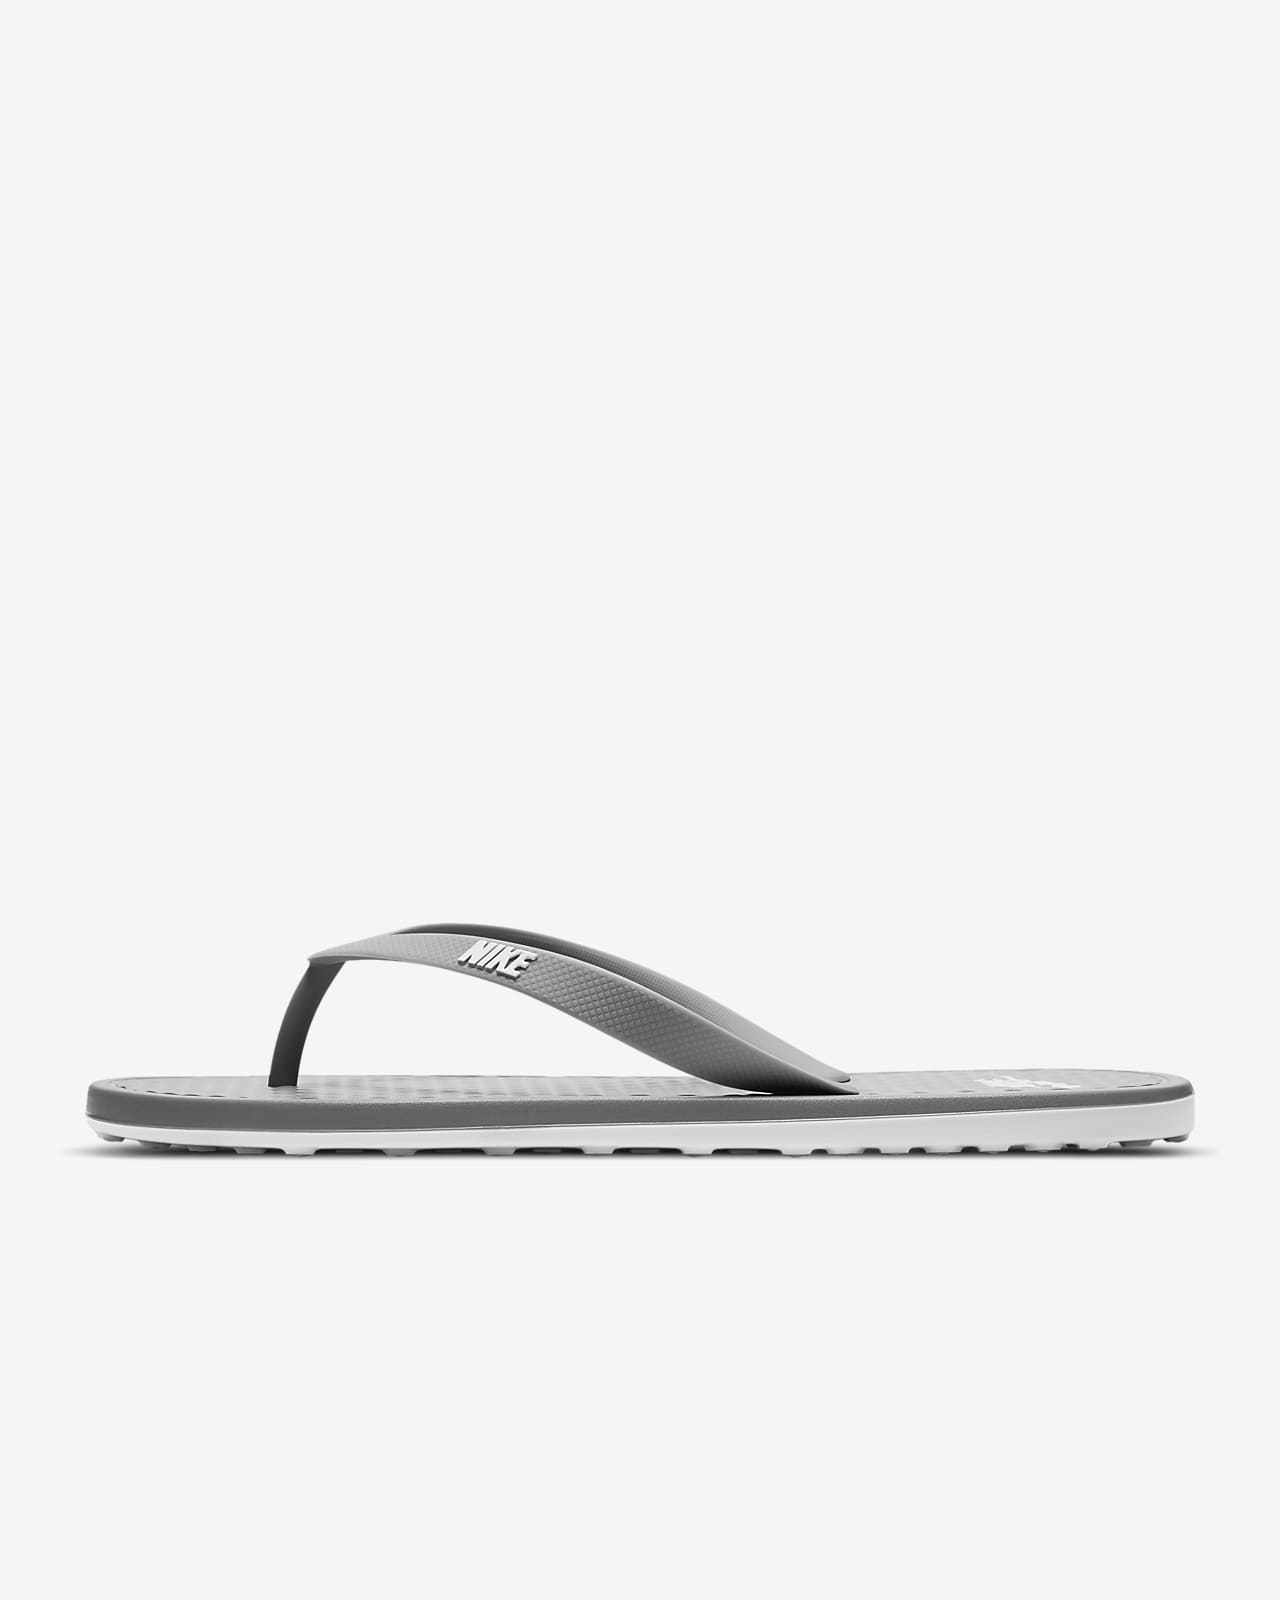 Nike On Deck Men's Flip Flop